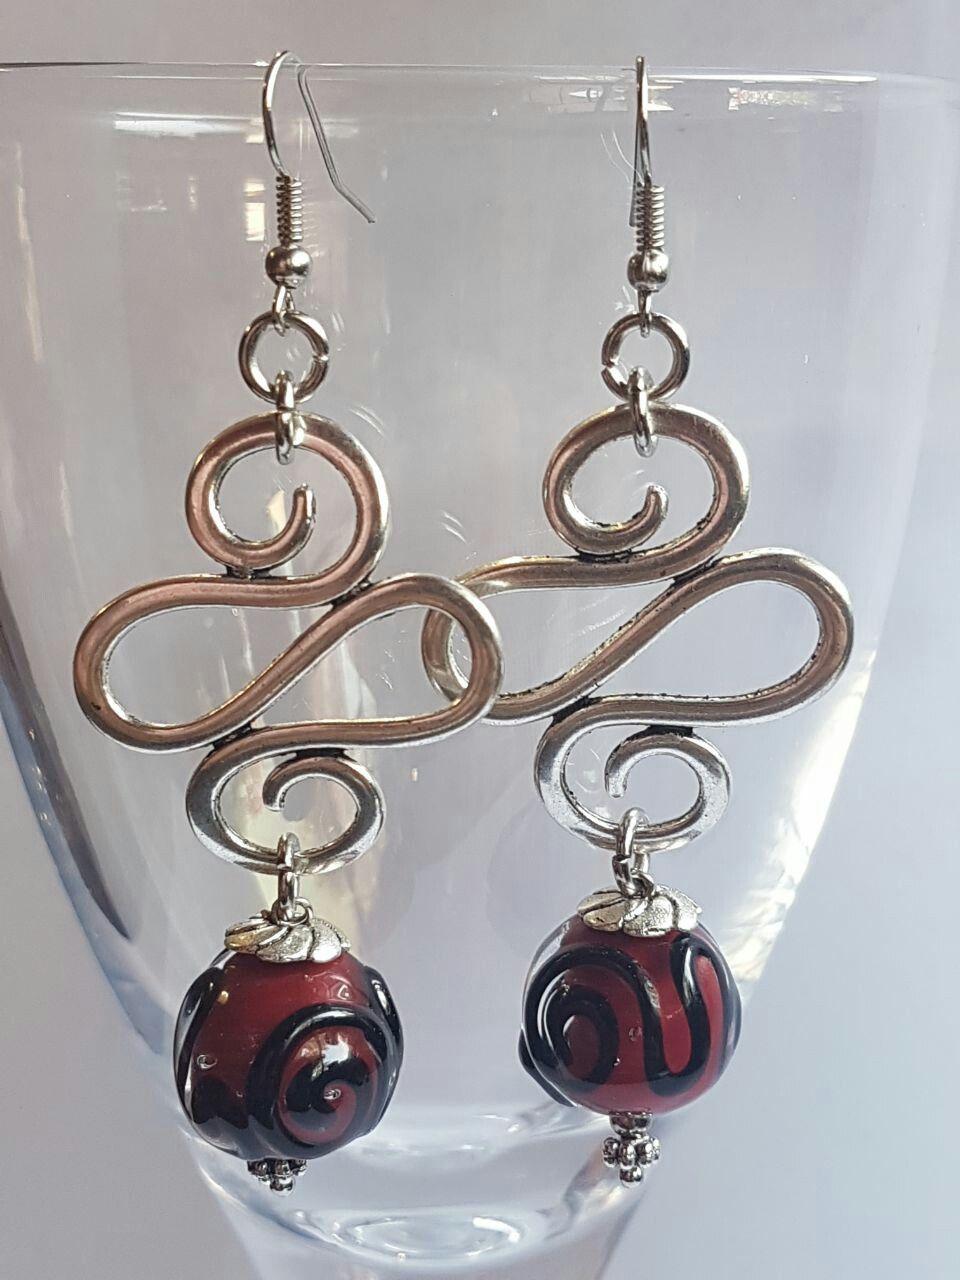 Damselfly Firebeads - Maroon swirl lampwork earrings by Anria Kriel